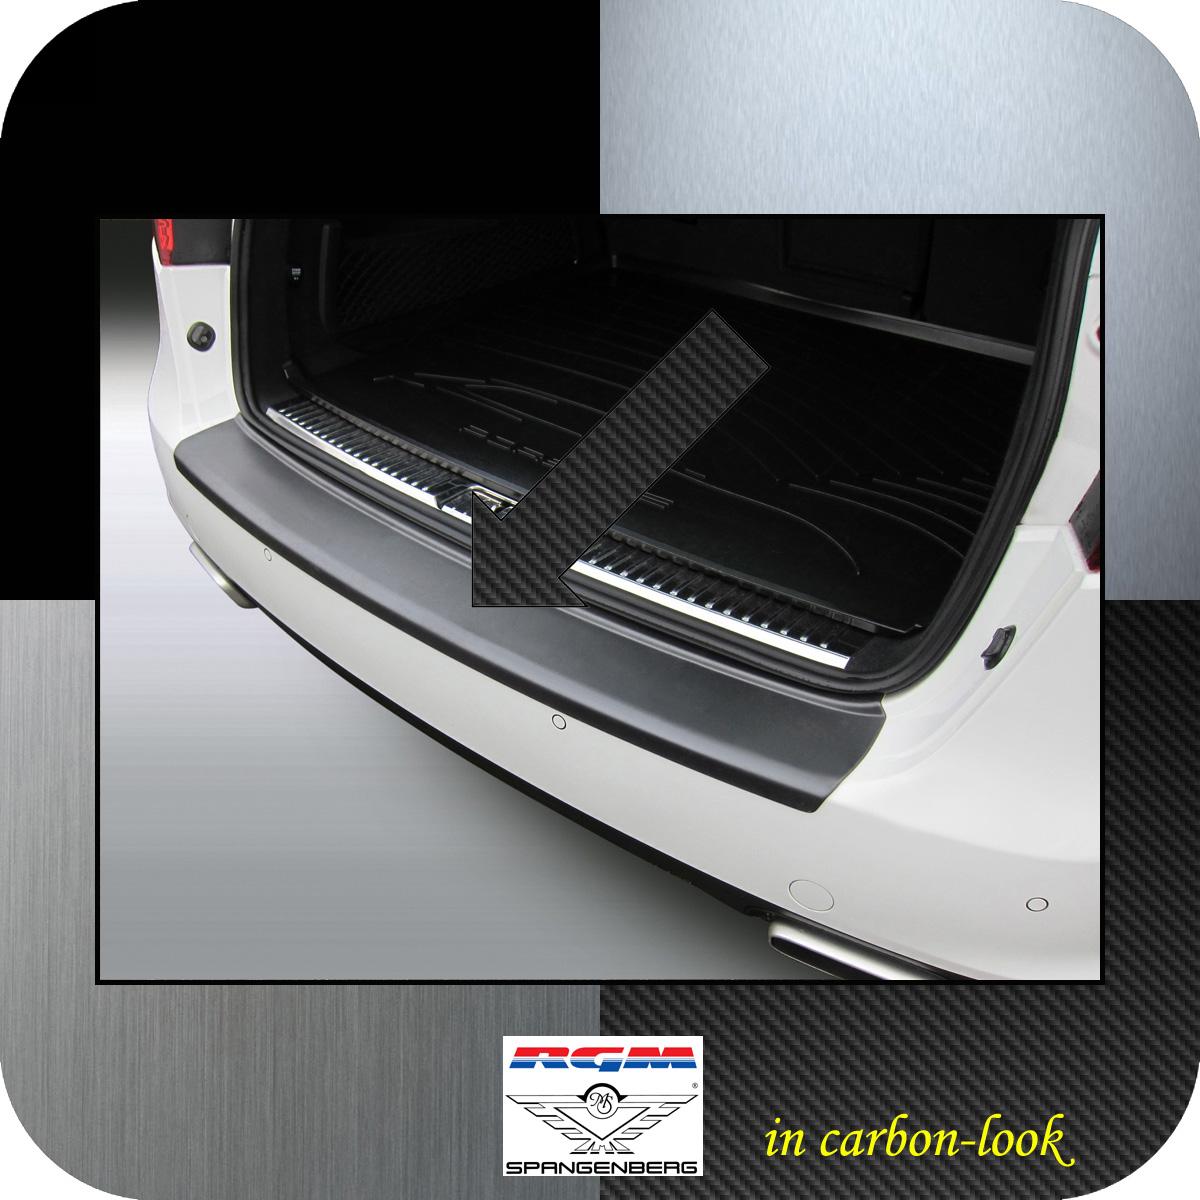 Ladekantenschutz Carbon-Look für Porsche Cayenne SUV vor Mopf 2010-2014 3509755